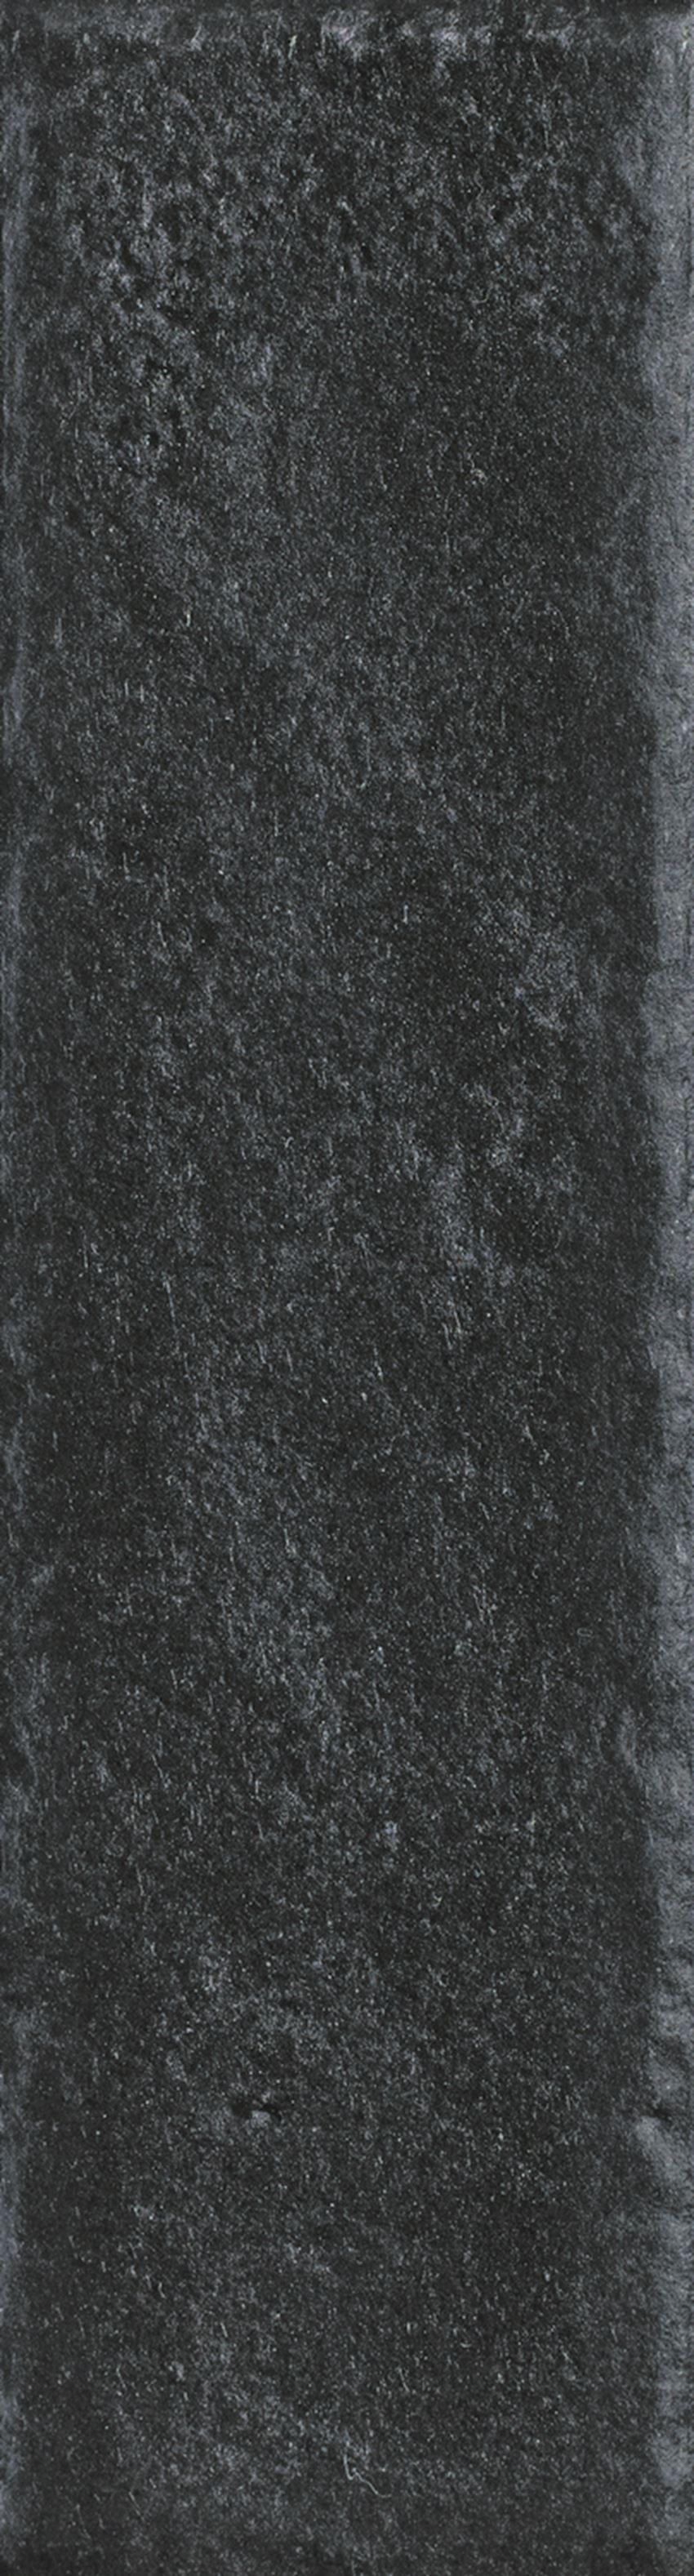 Płytka elewacyjna 6,6x24,5 cm Paradyż Scandiano Nero Elewacja 24,5X6,6